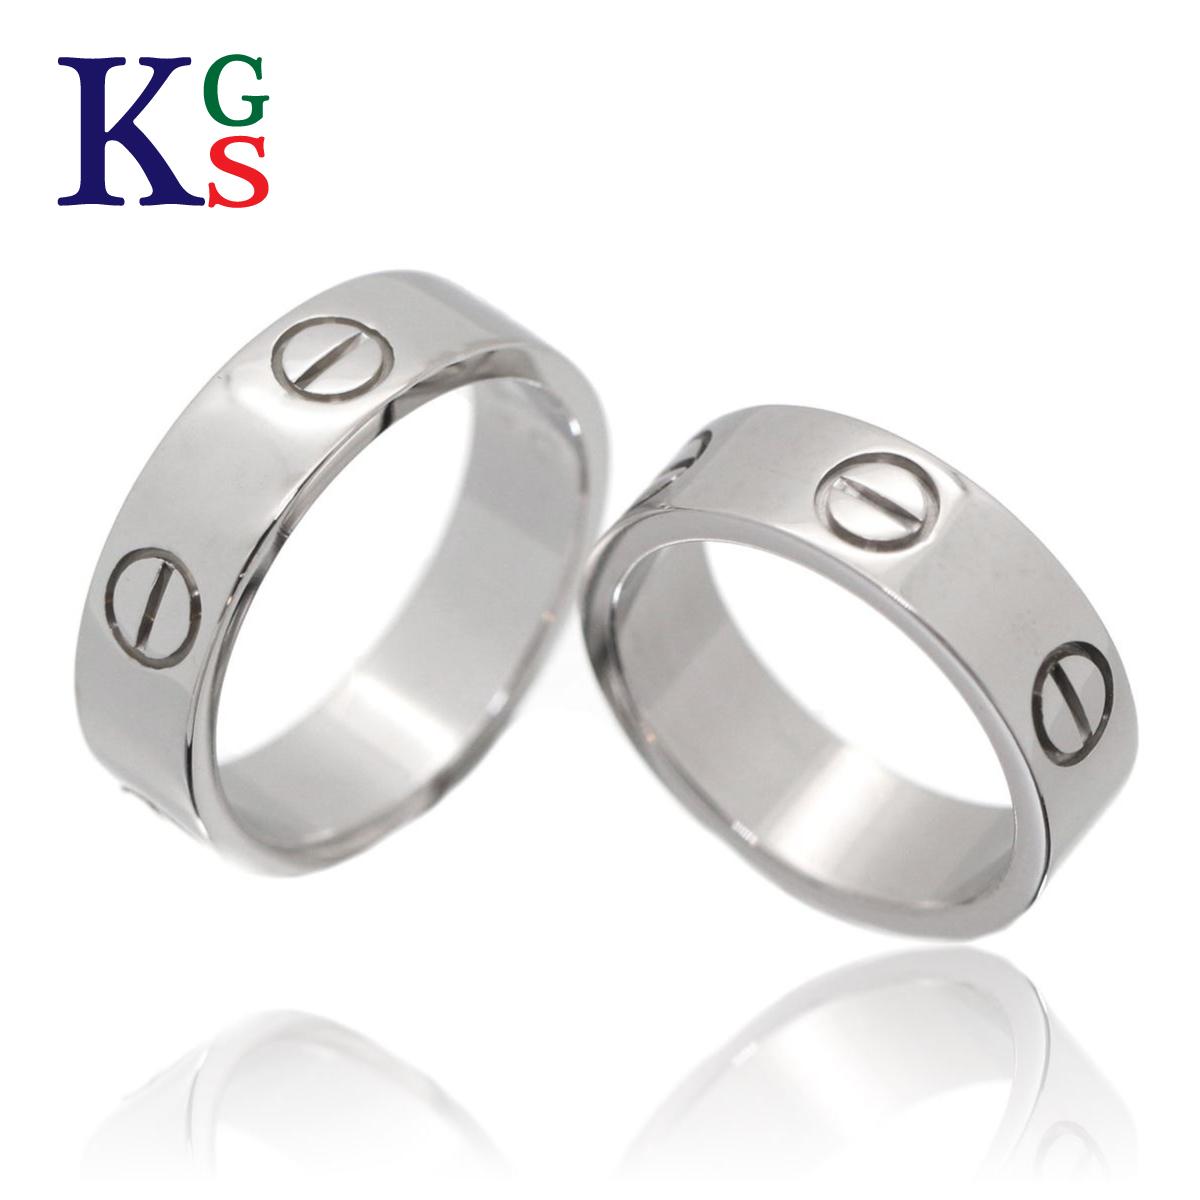 【ギフト品質】【名入れ】【セット販売】【4号~24号】/Cartier / カルティエ ペアリング / ラブリング LOVEring ホワイトゴールド K18 750 WG 2点 B4084752 / メンズ レディース マリッジリング 結婚指輪